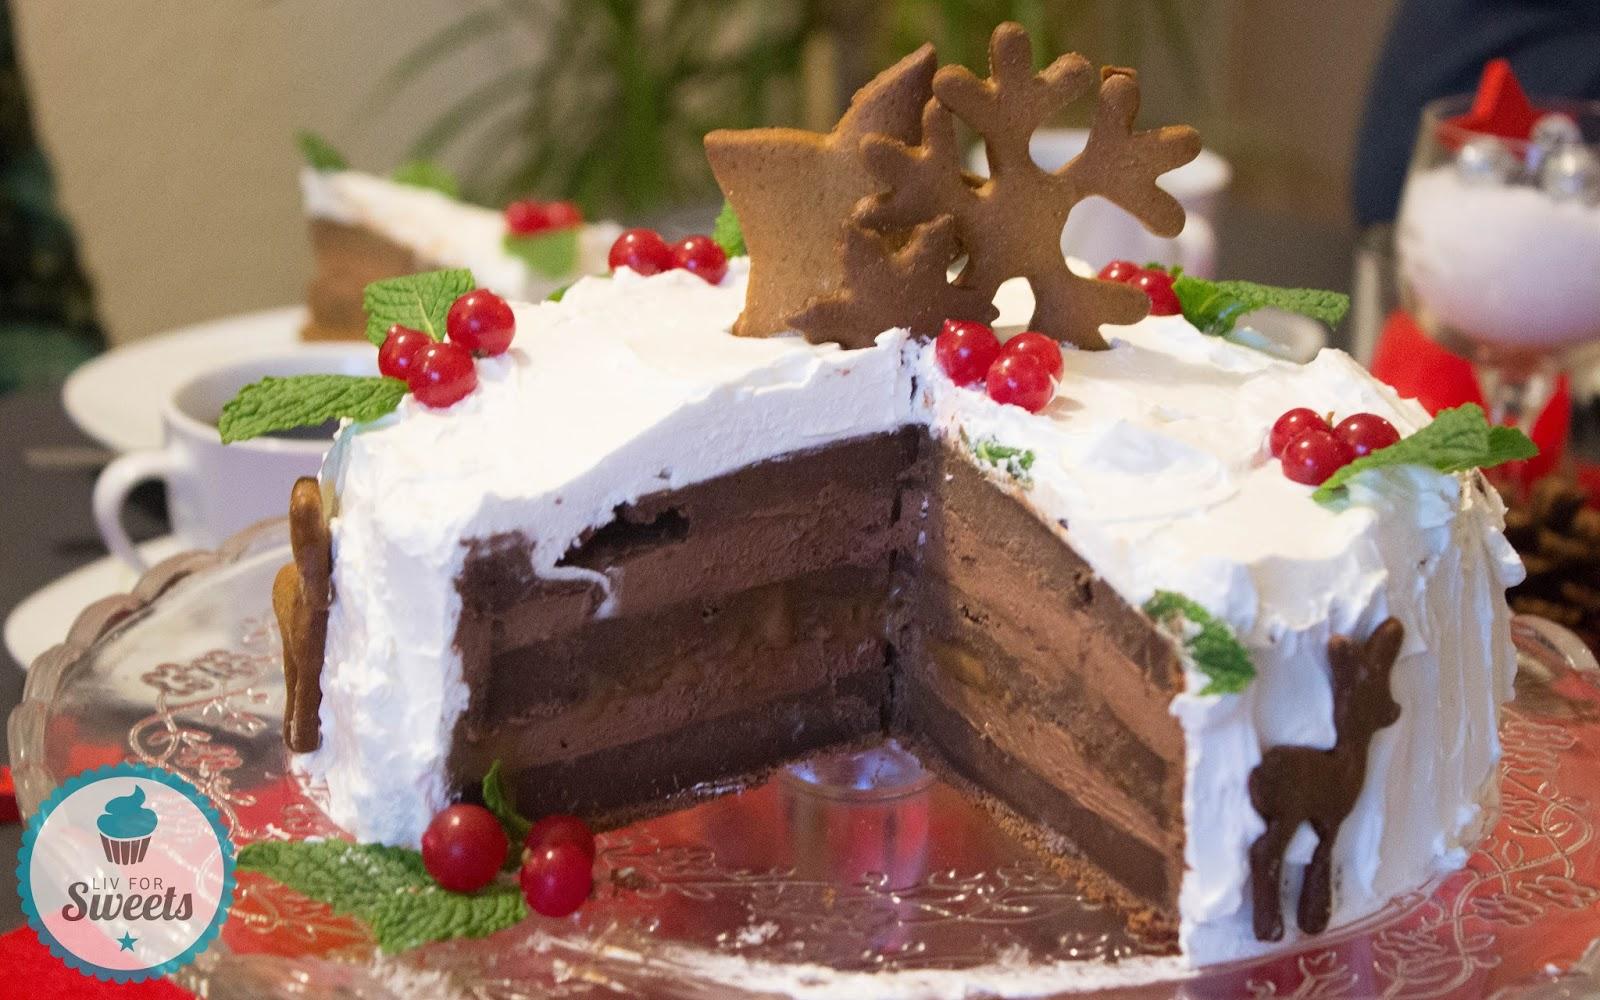 Liv For Sweets Schoko Lebkuchen Torte